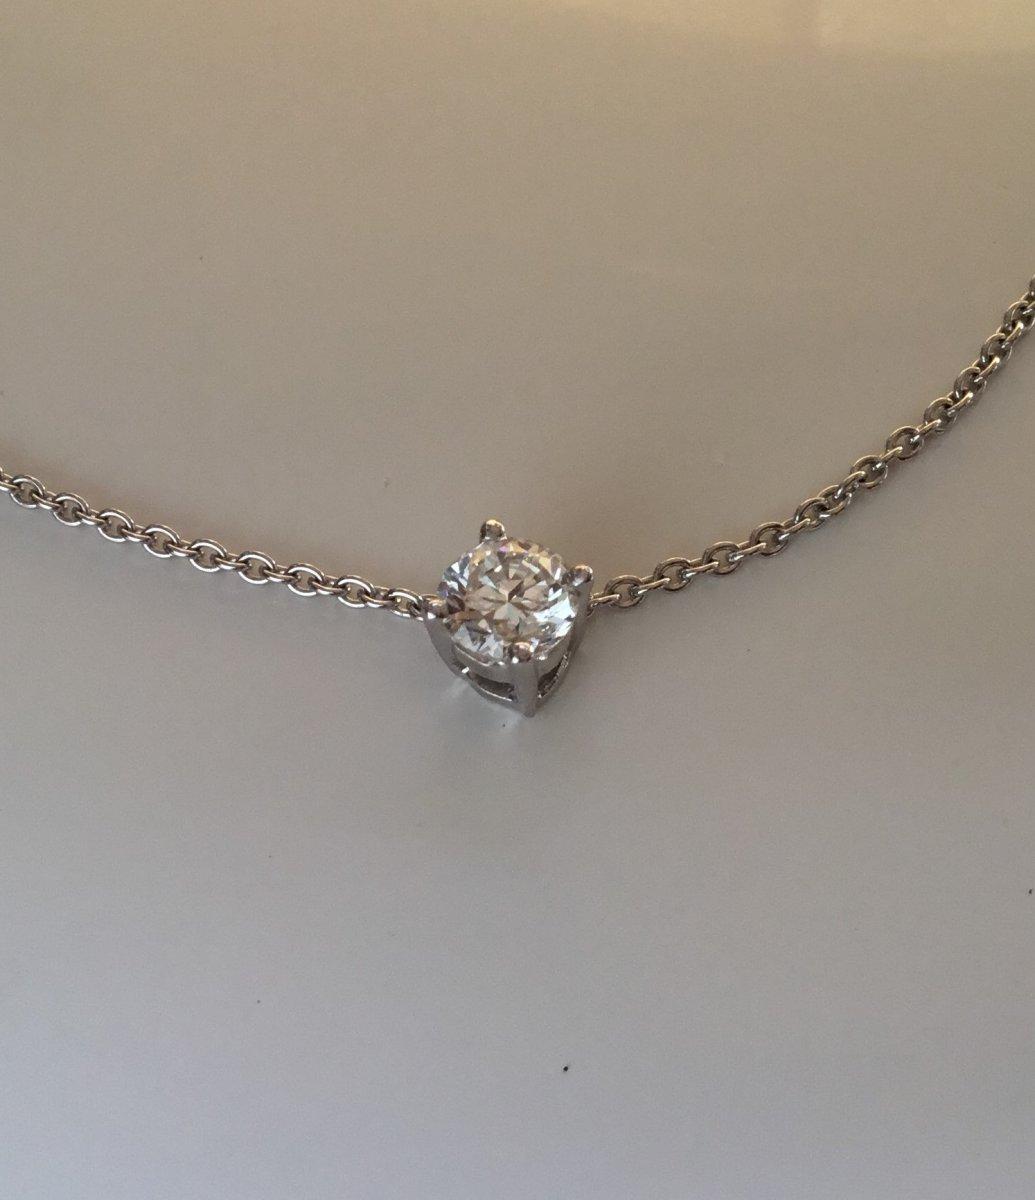 Brilliant Cut Diamond Vvs1 / G, 0.50 Carats